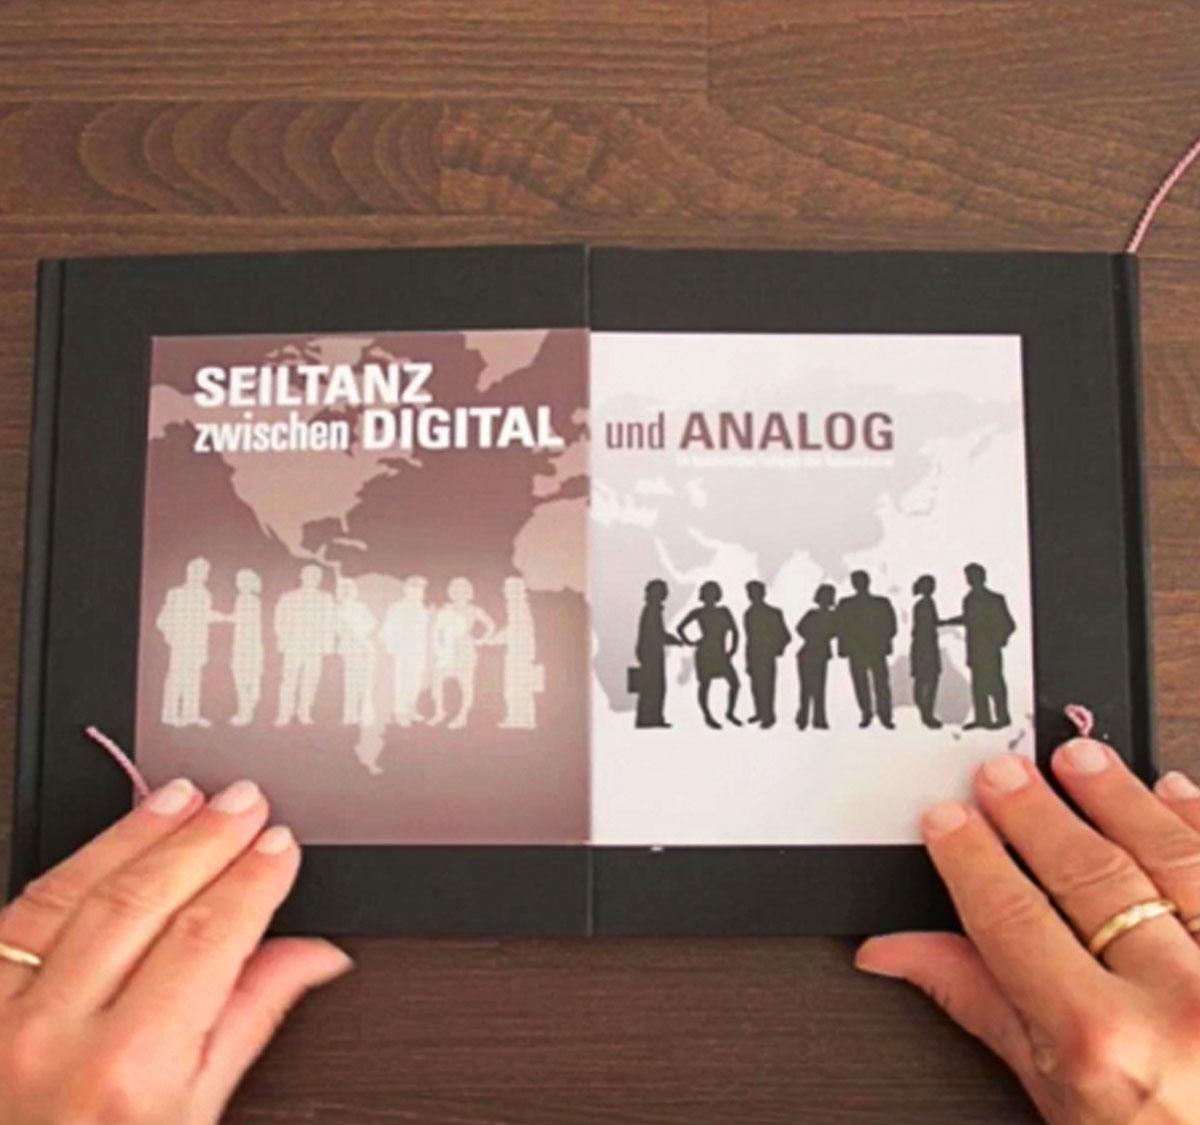 Buch |Seiltanz zwischen Digital und Analog